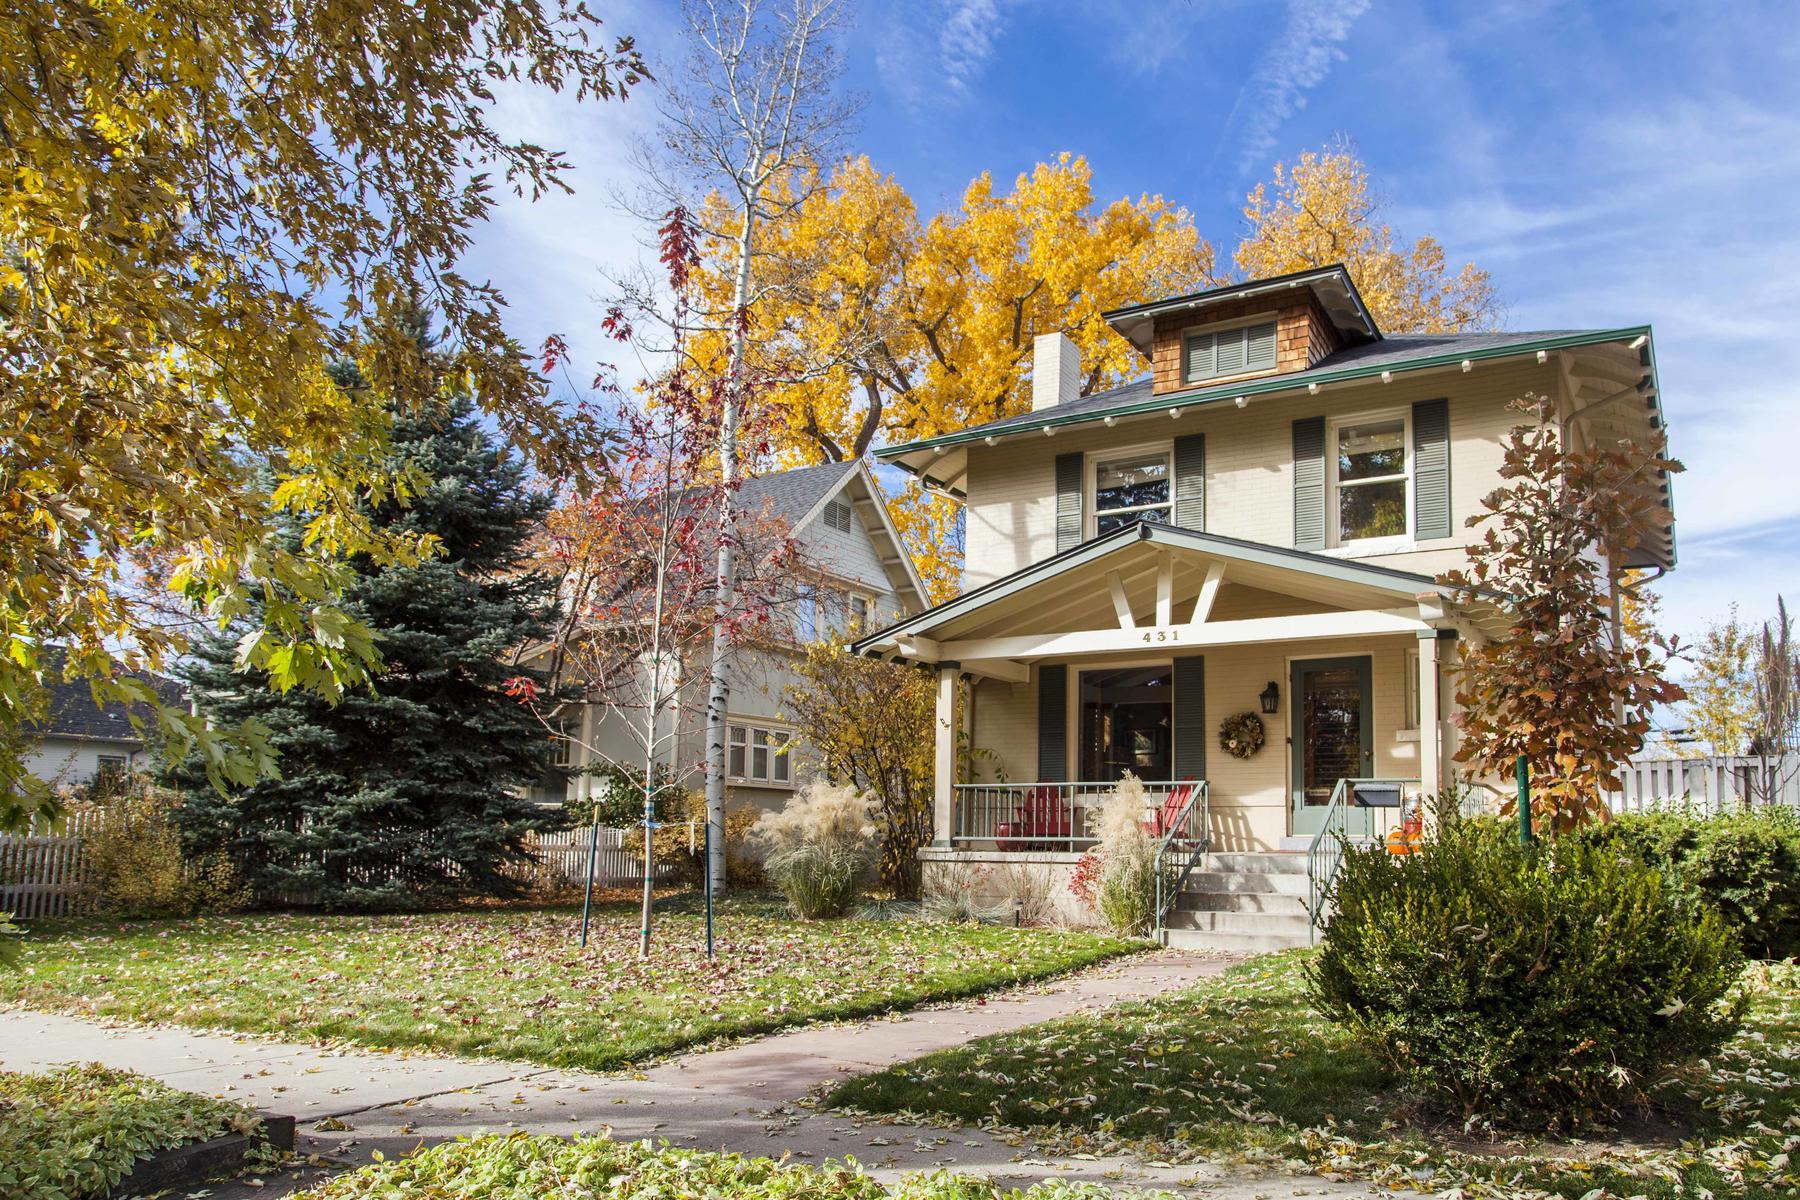 Property por un Venta en Wonderful Colors Inside And Out 431 N Marion St Denver, Colorado 80218 Estados Unidos